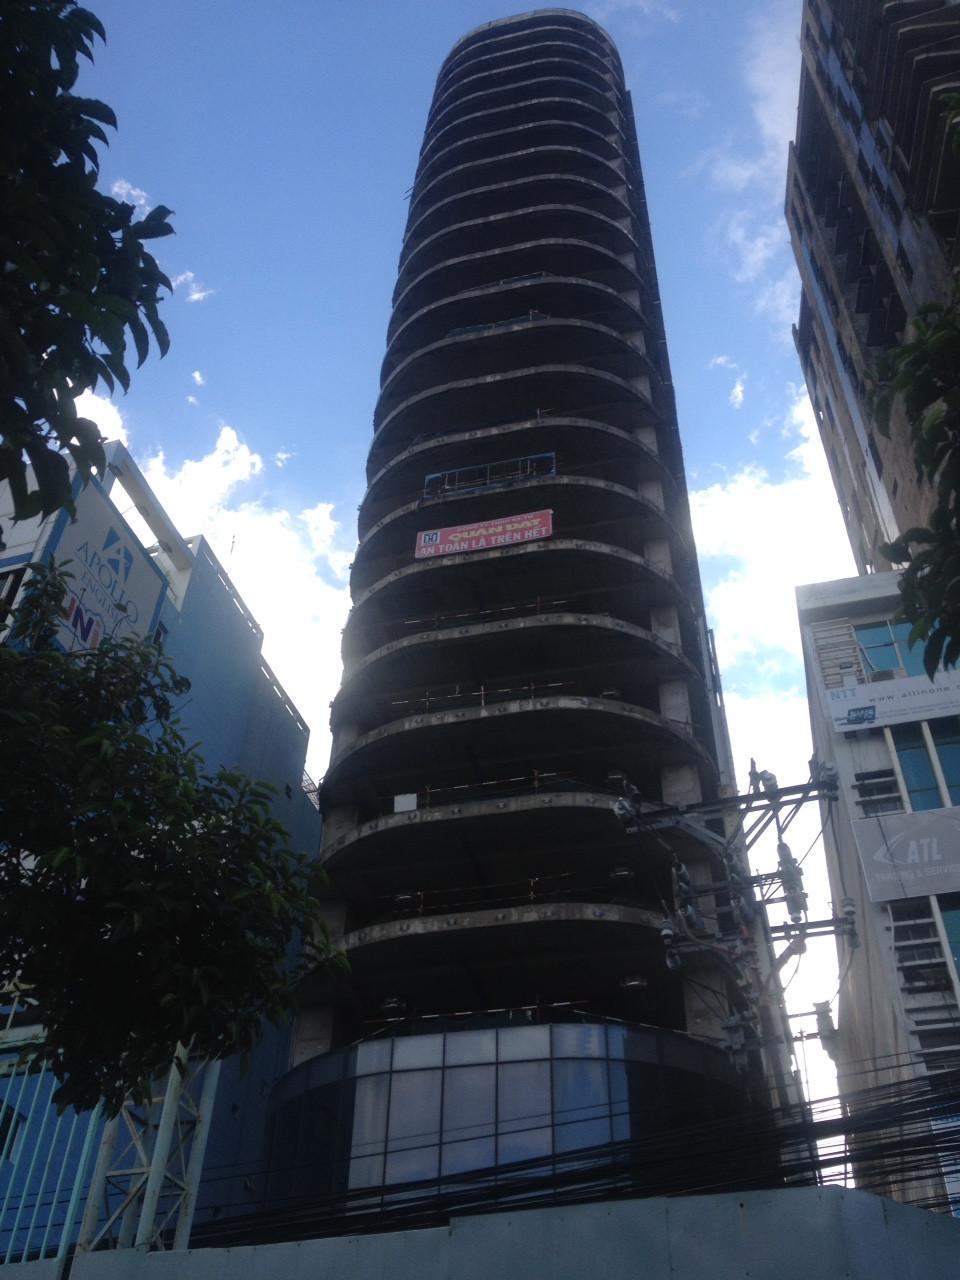 Bán cao ốc 131 Điện Biên Phủ phường 15 quận Bình Thạnh giá 320 tỷ